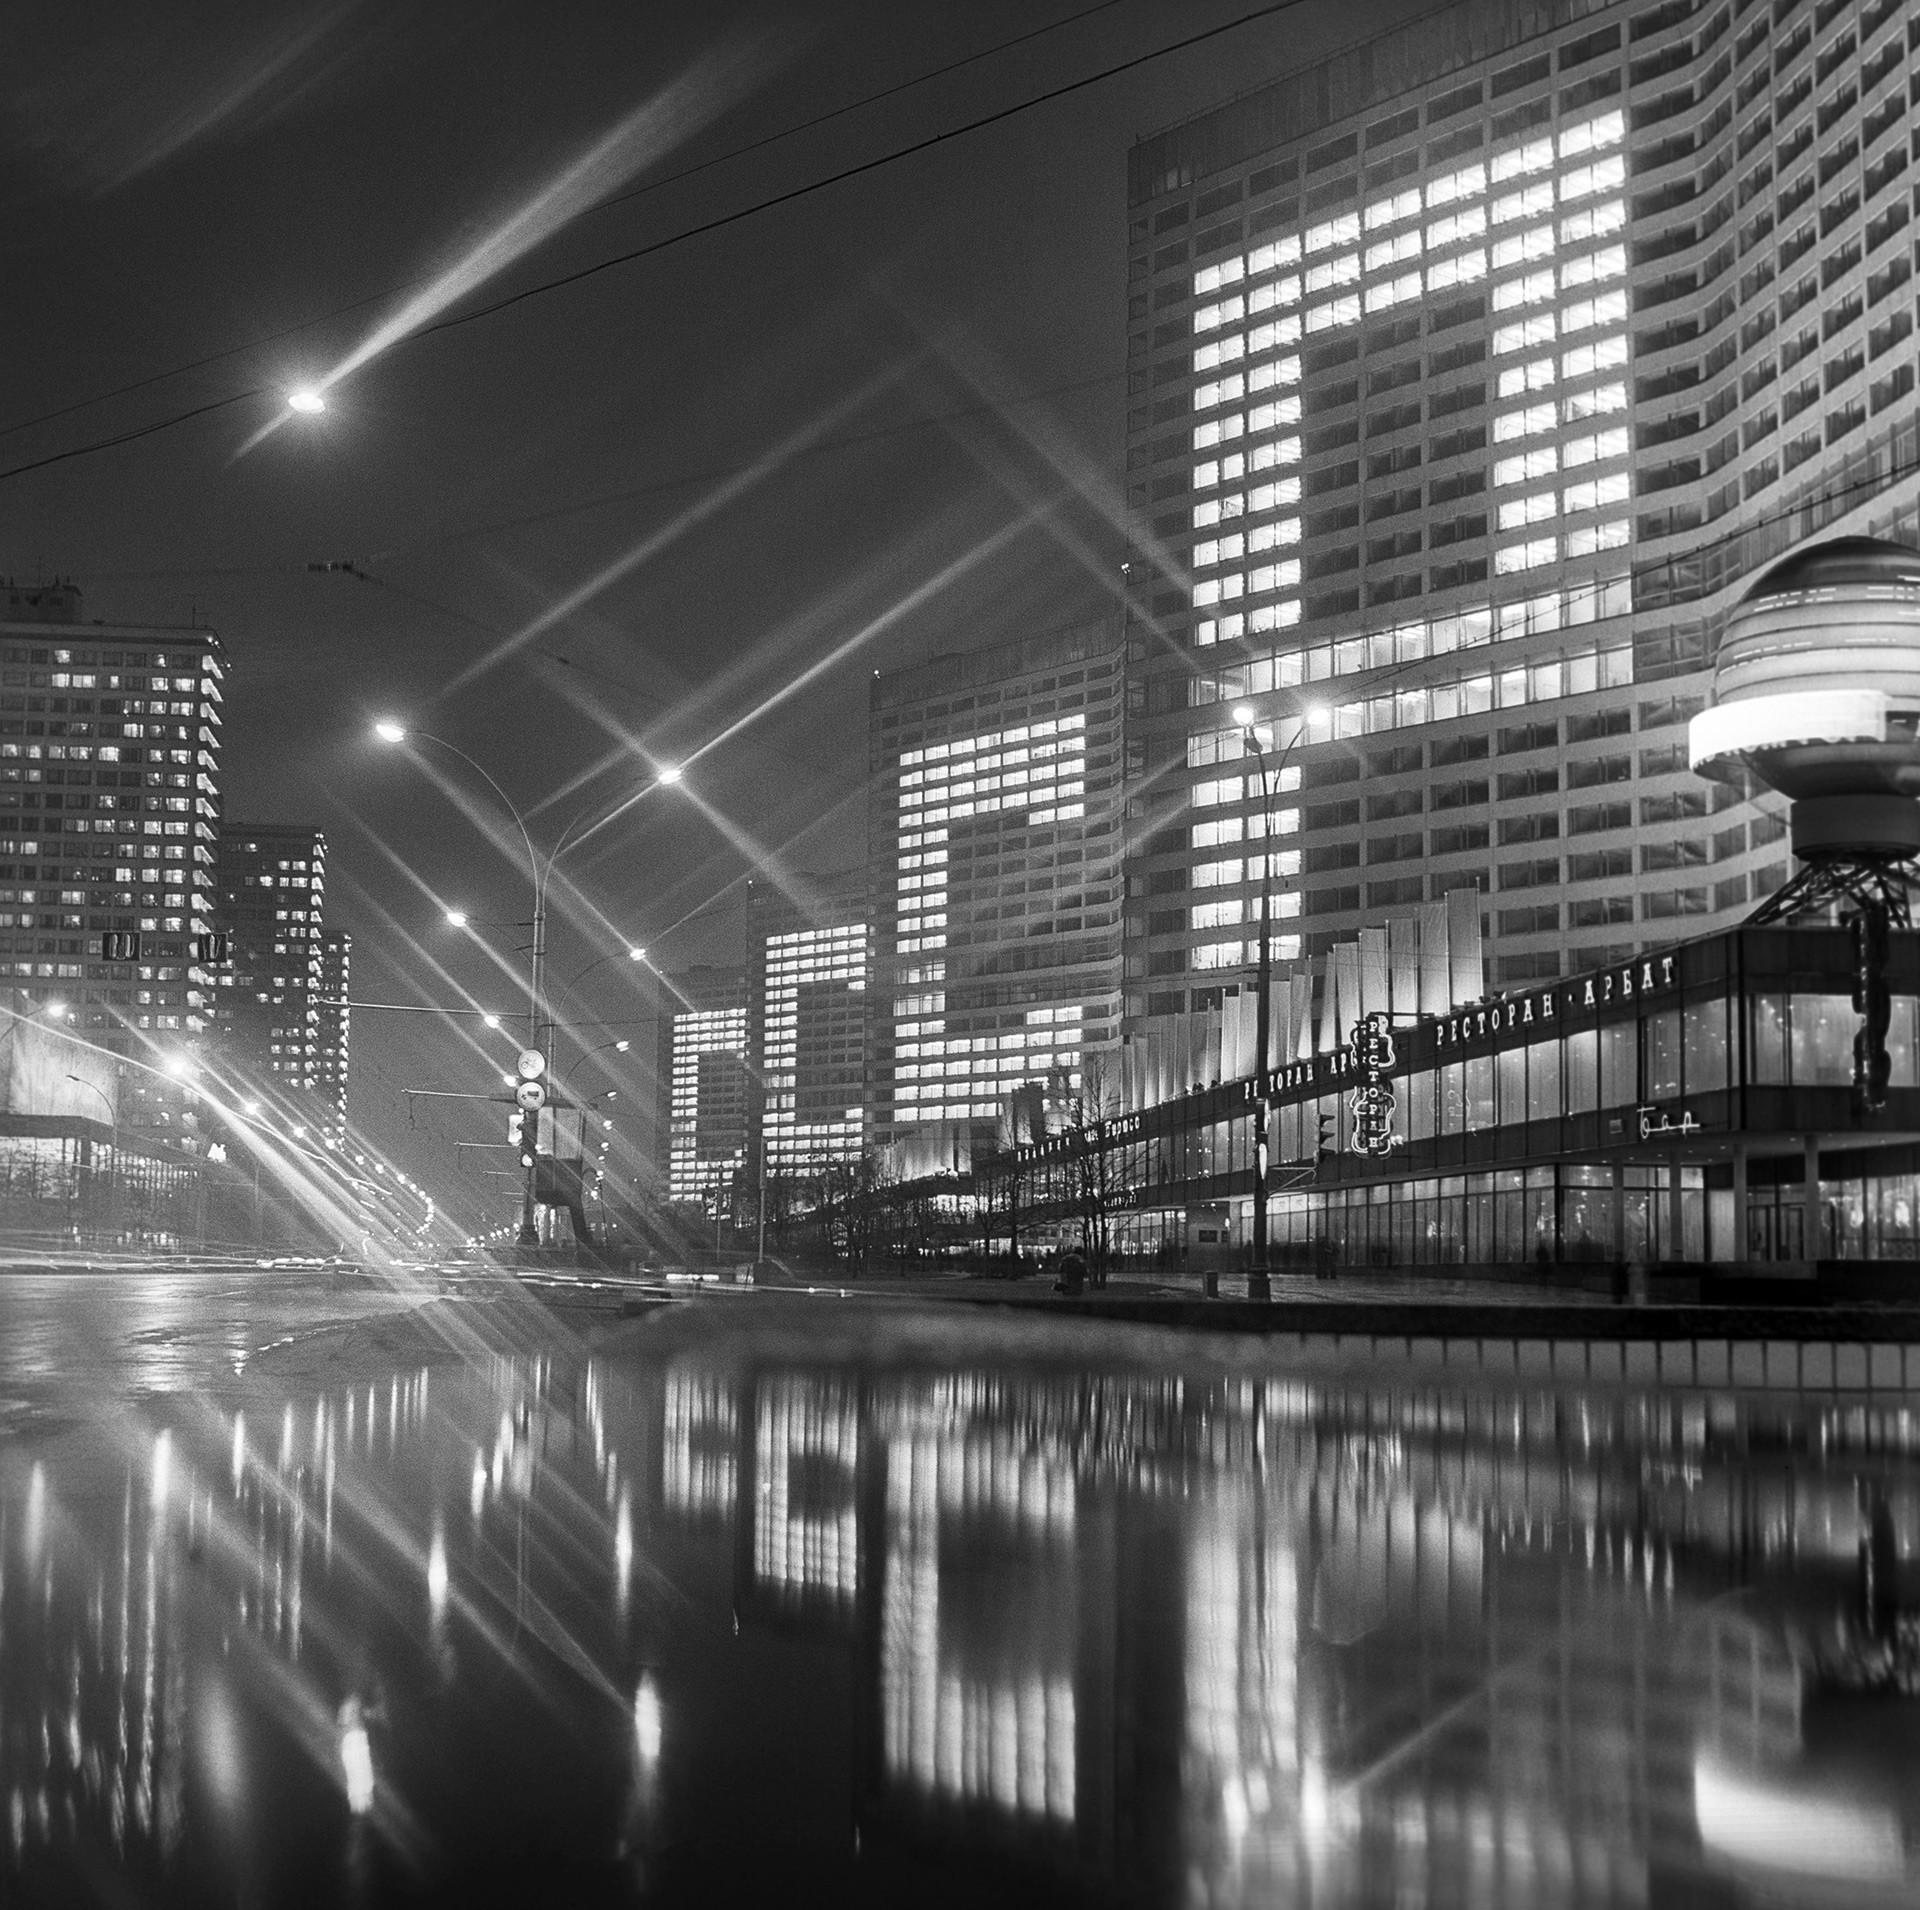 カリーニン大通り、1976年。ソ連崩壊後に名称が変更され、ノーブイアルバート通りになった。